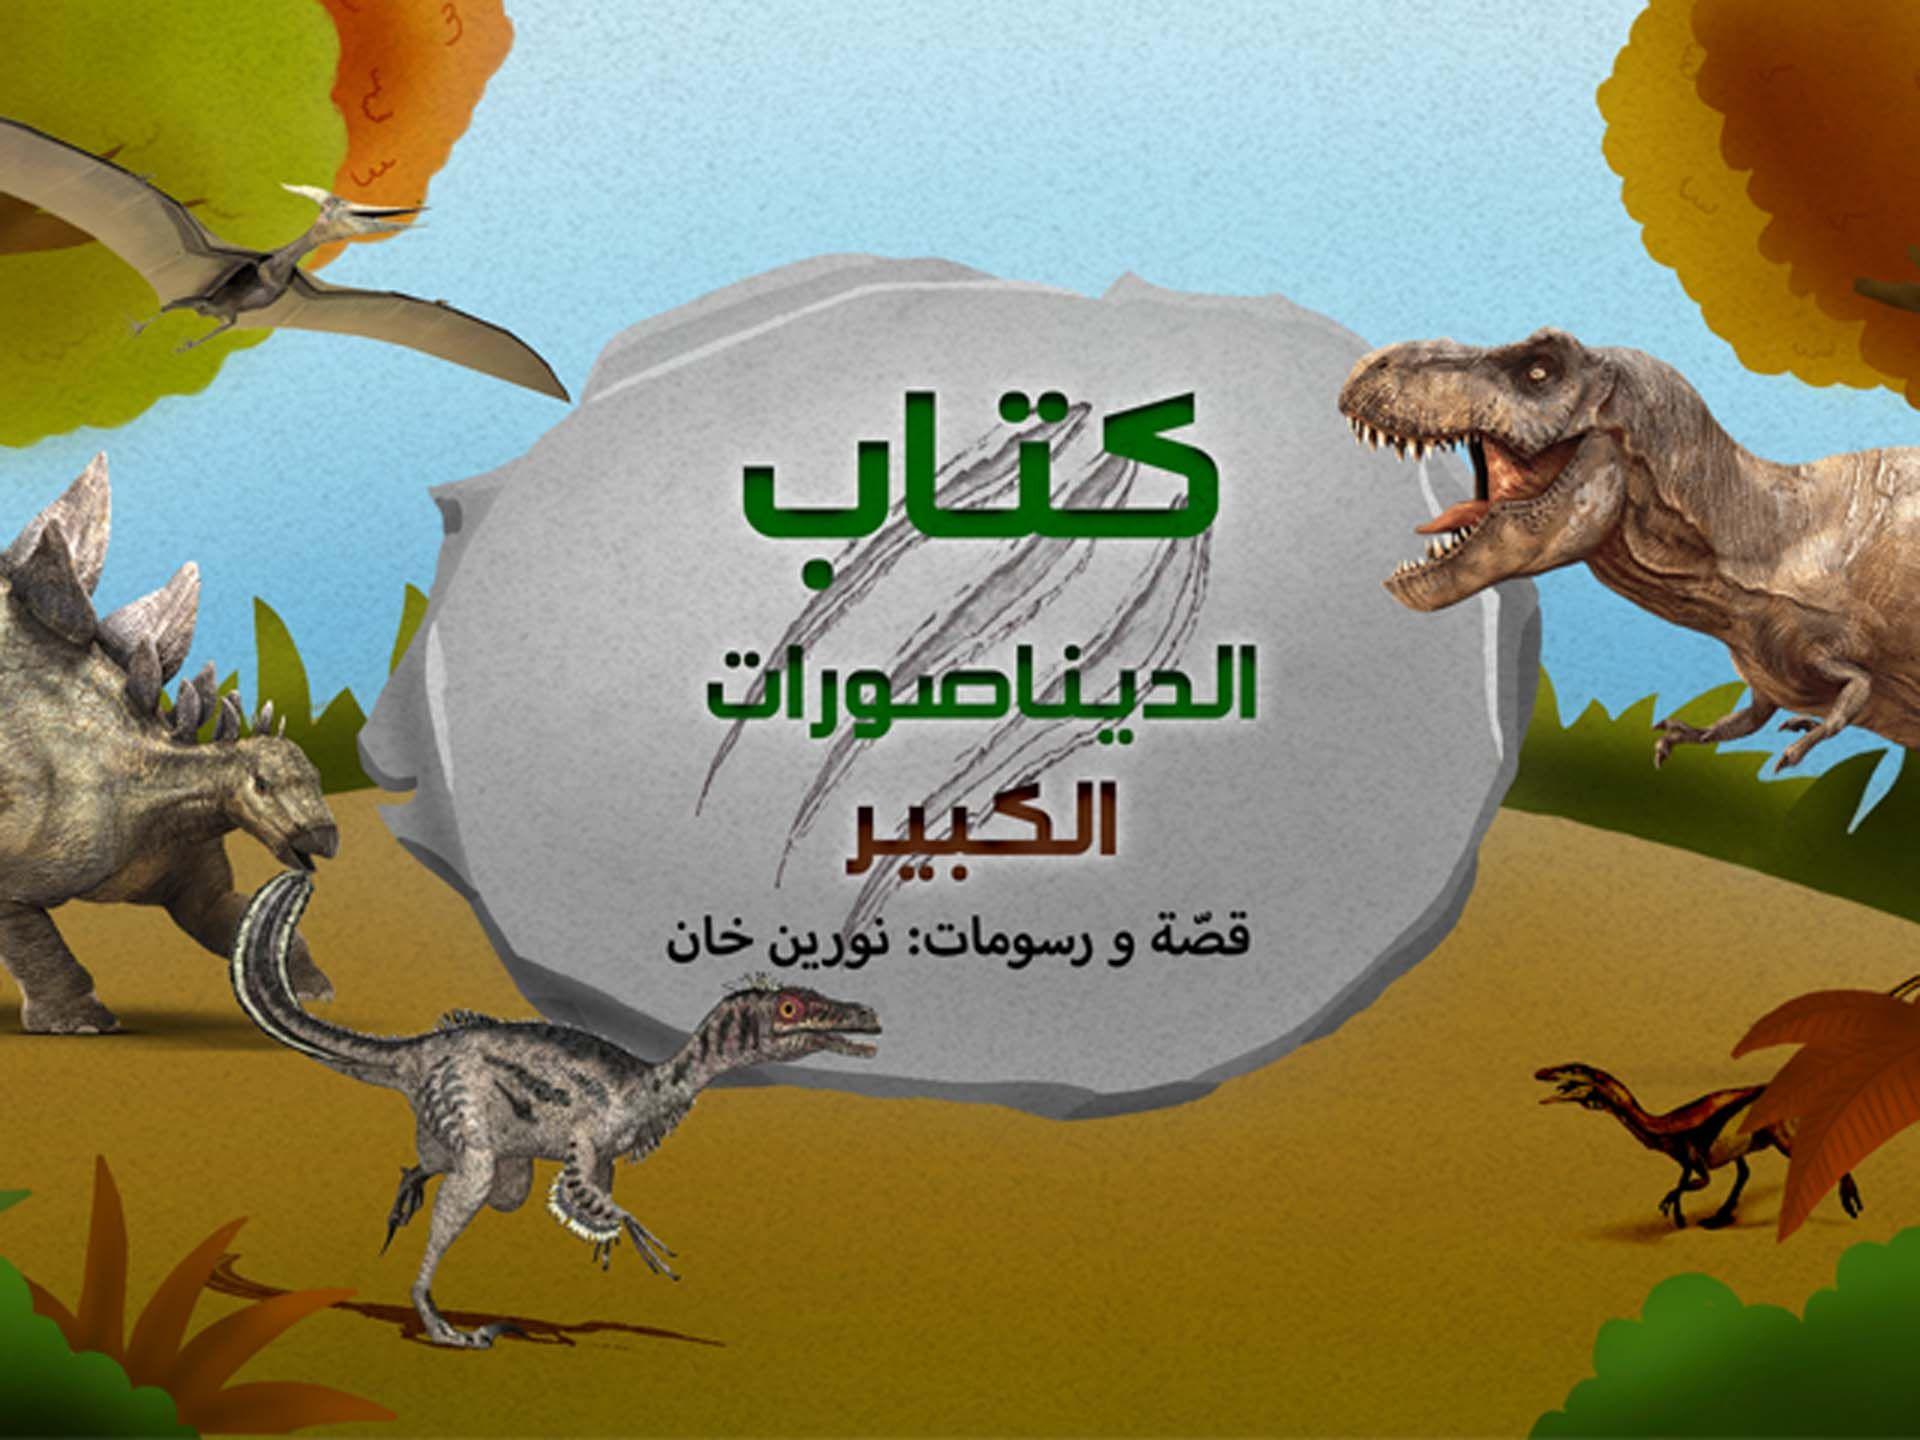 كتاب الديناصورات الكبير Entertaining Iyo Grinch